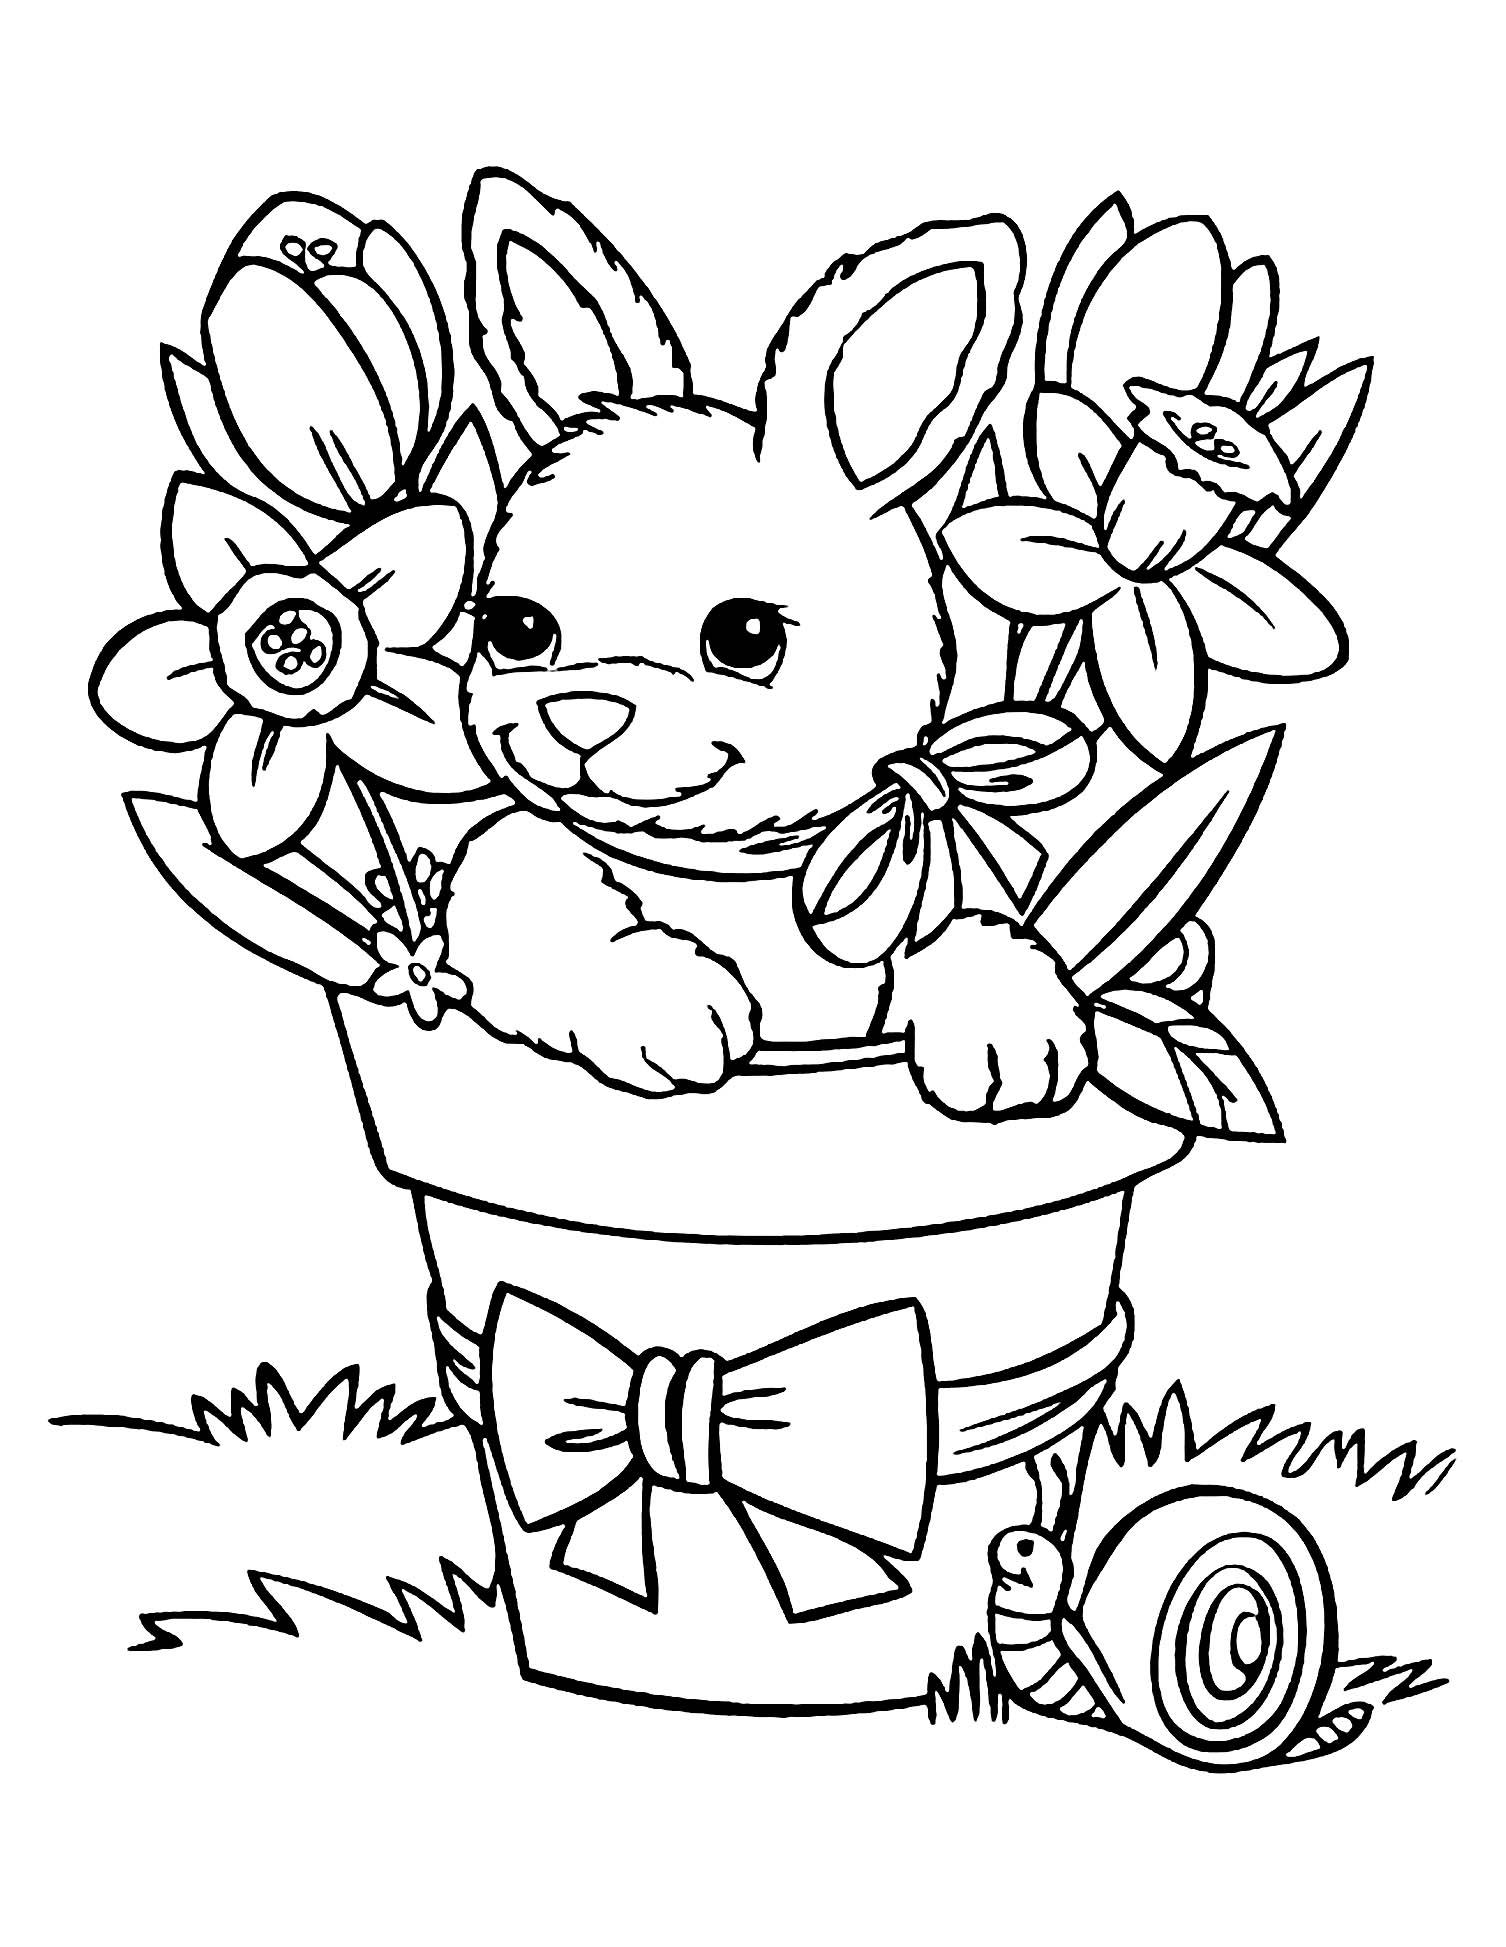 Joli coloriage de lapin simple pour enfants